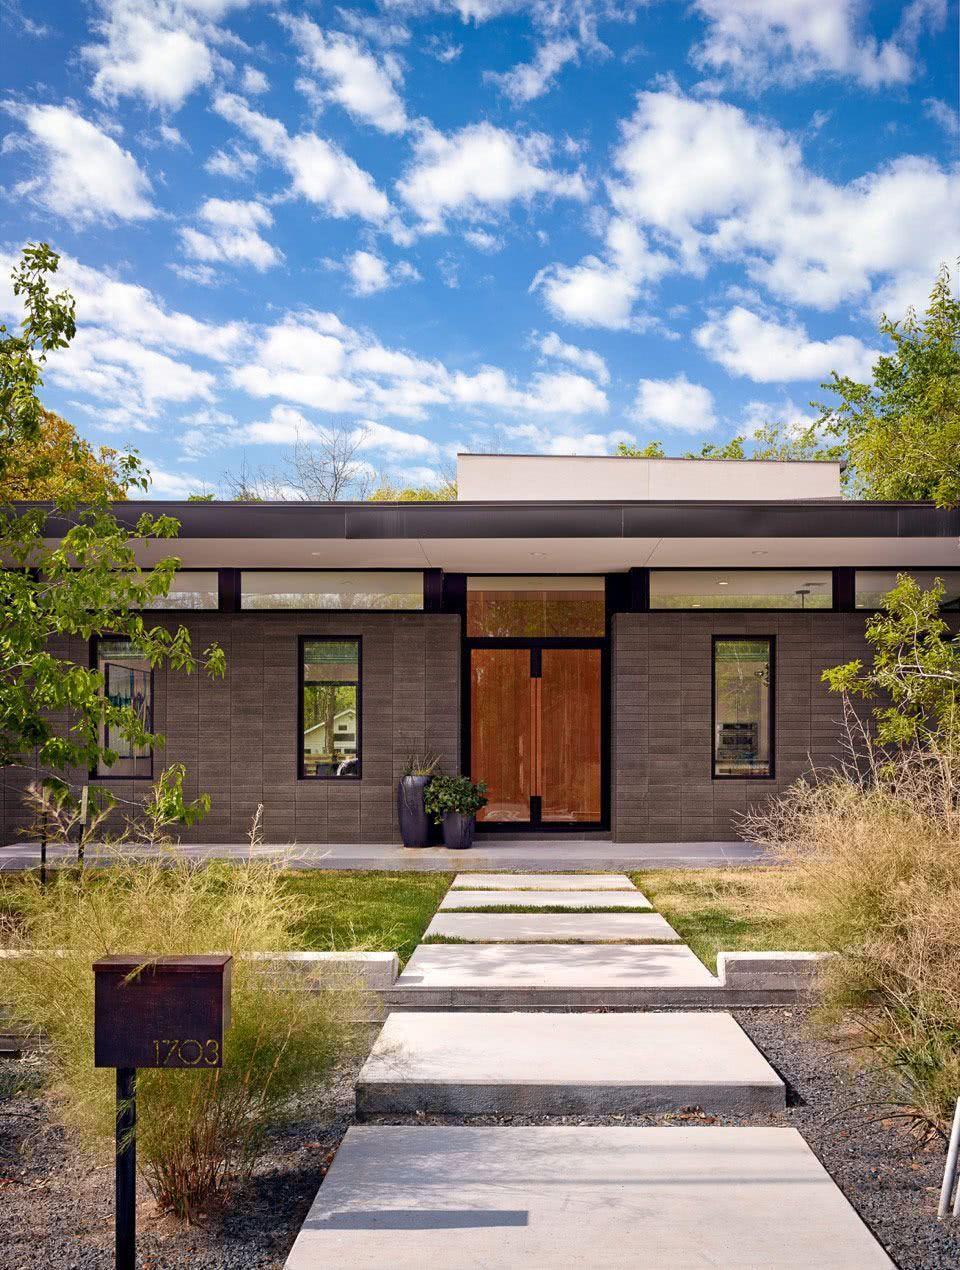 Fachada de casa térrea em bloco de concreto e porta de madeira.